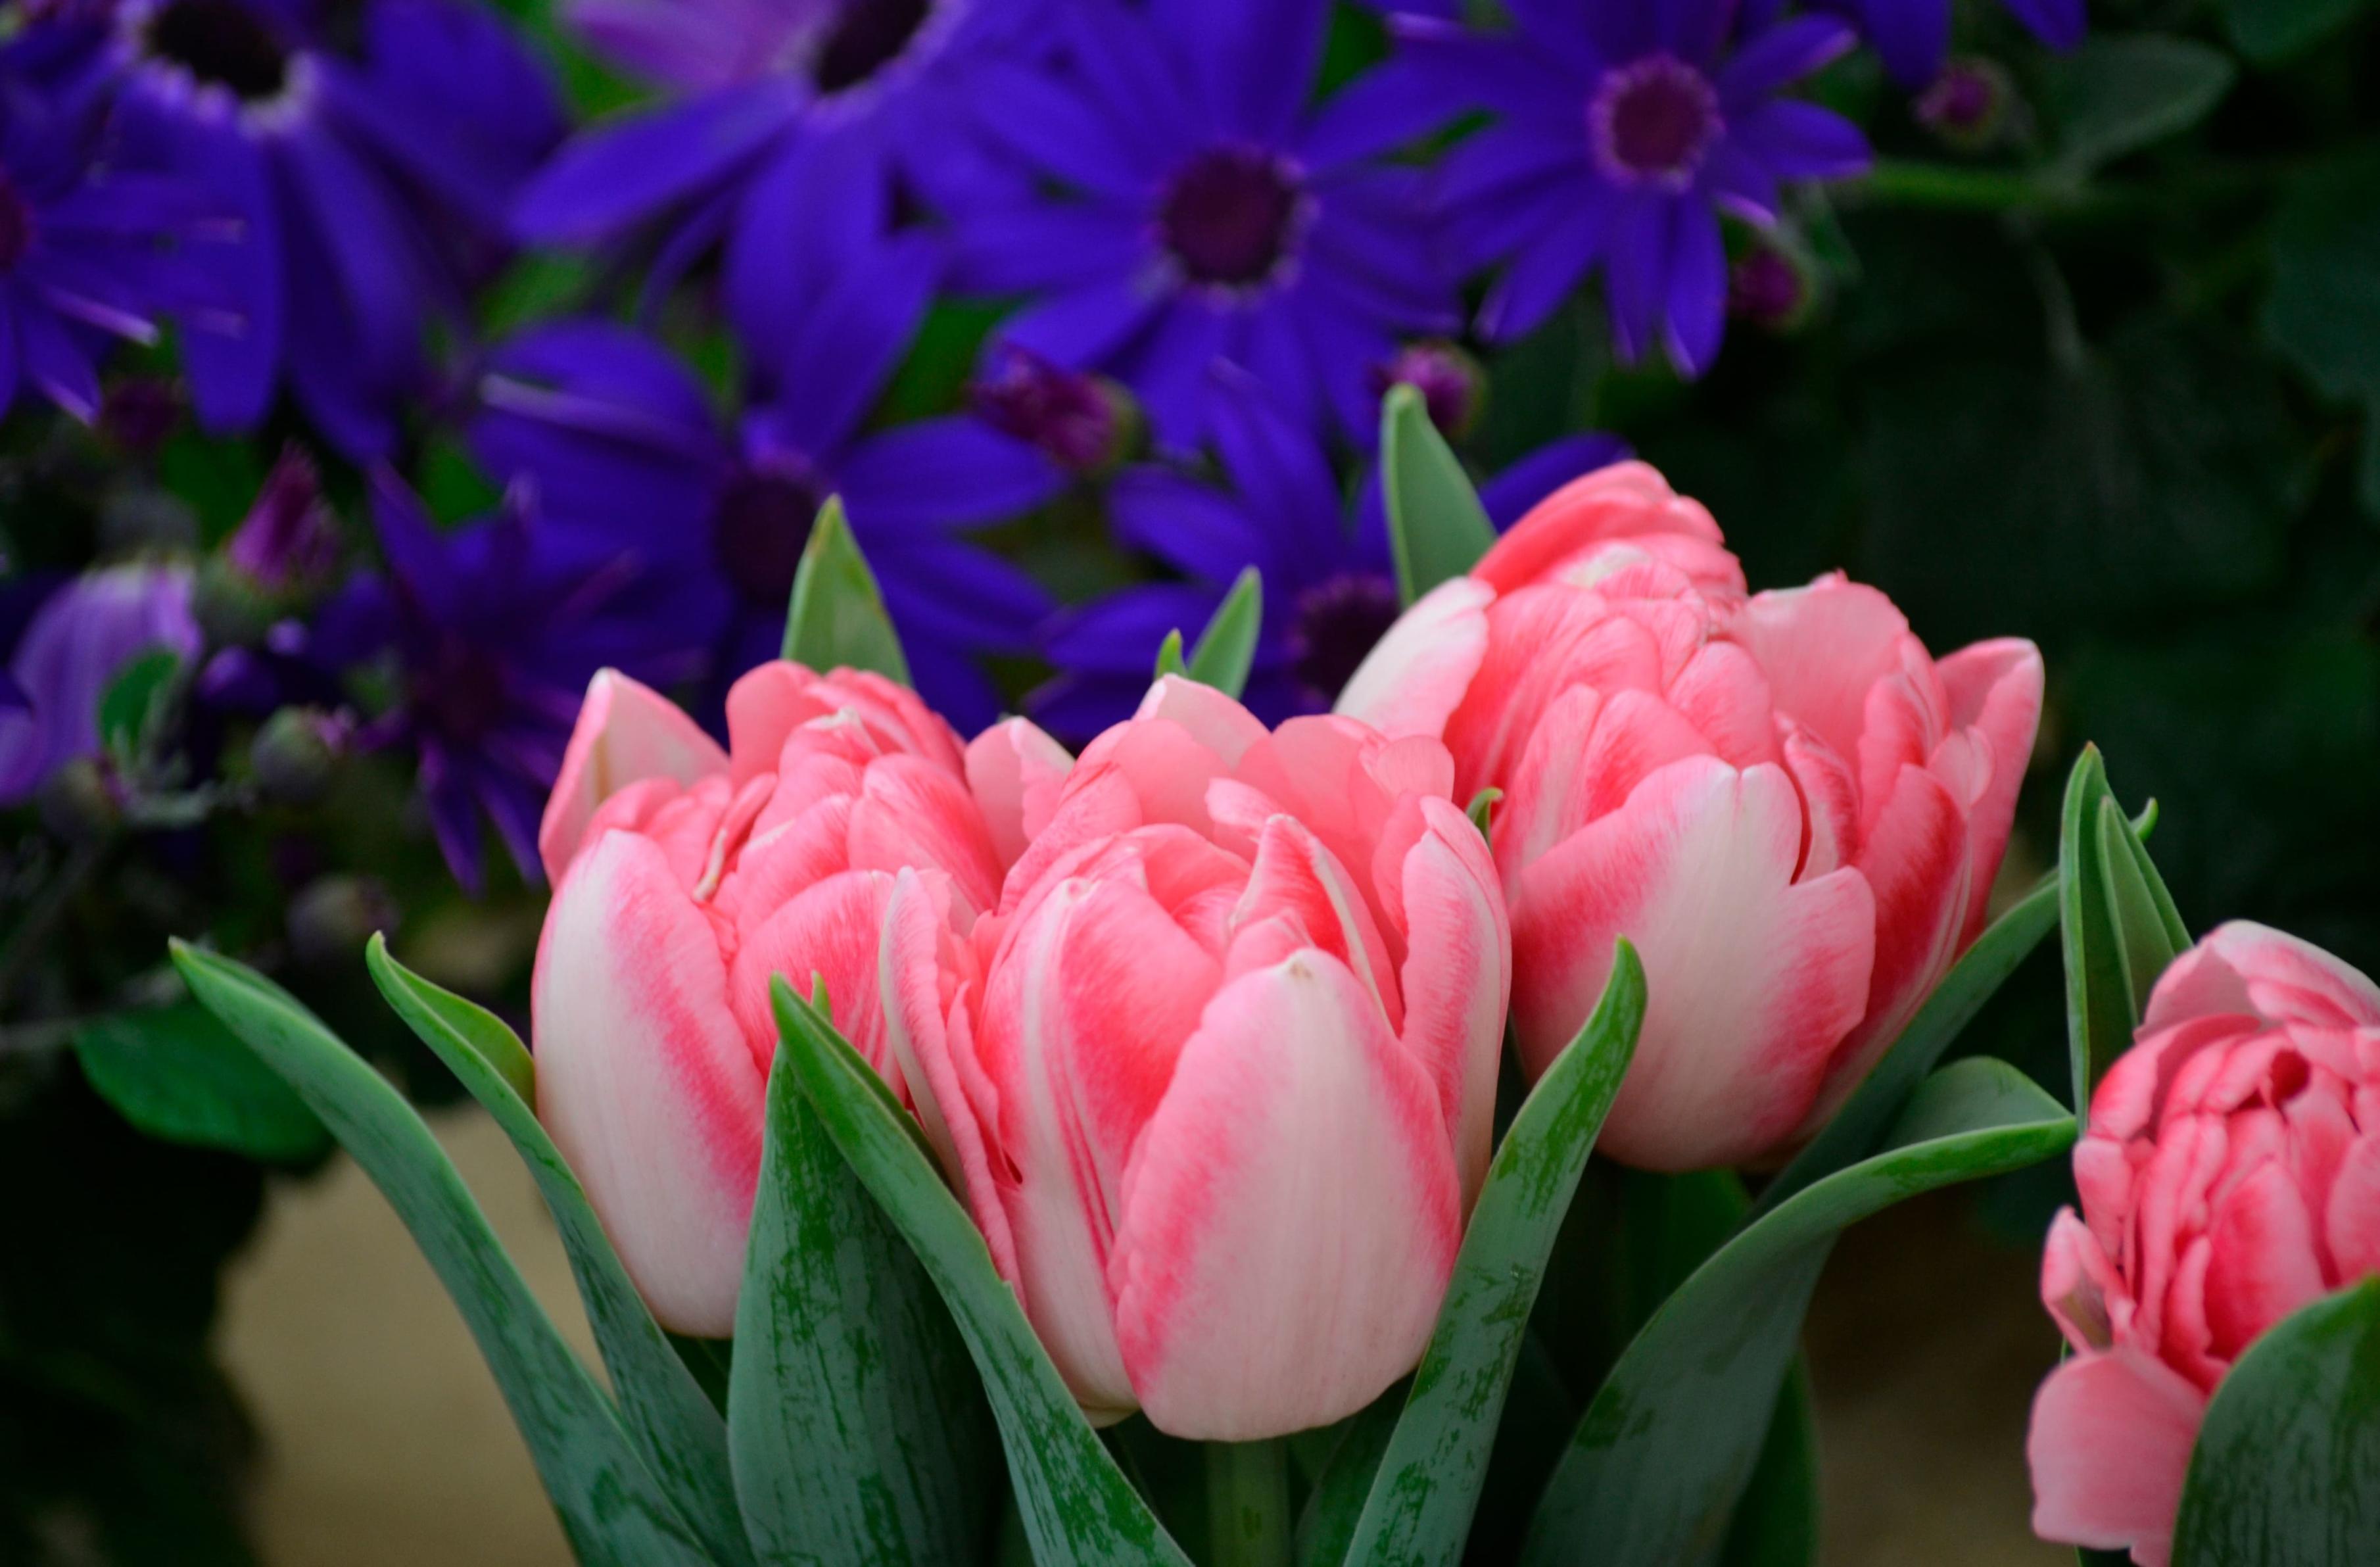 tulip-photo-29